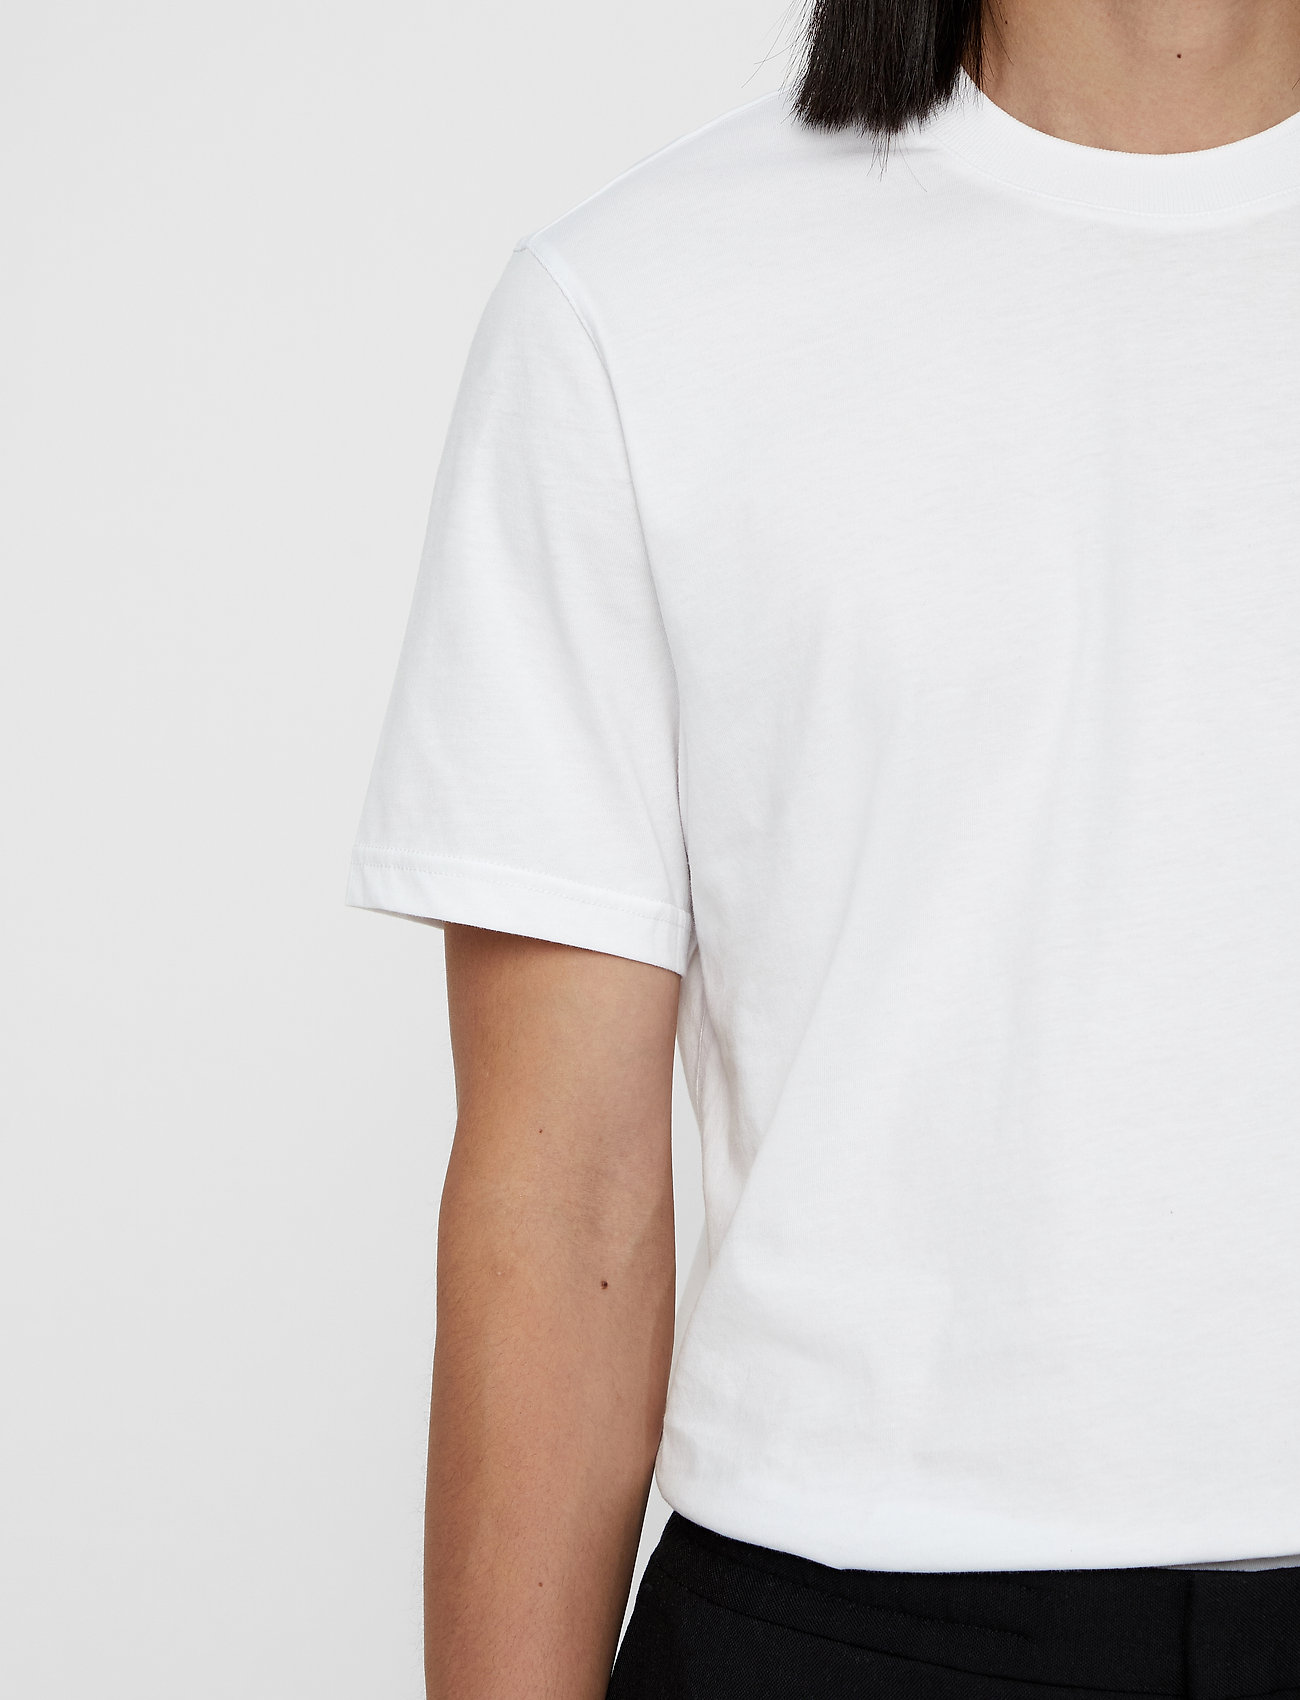 J. Lindeberg Silo Jersey Tee - T-skjorter WHITE - Menn Klær